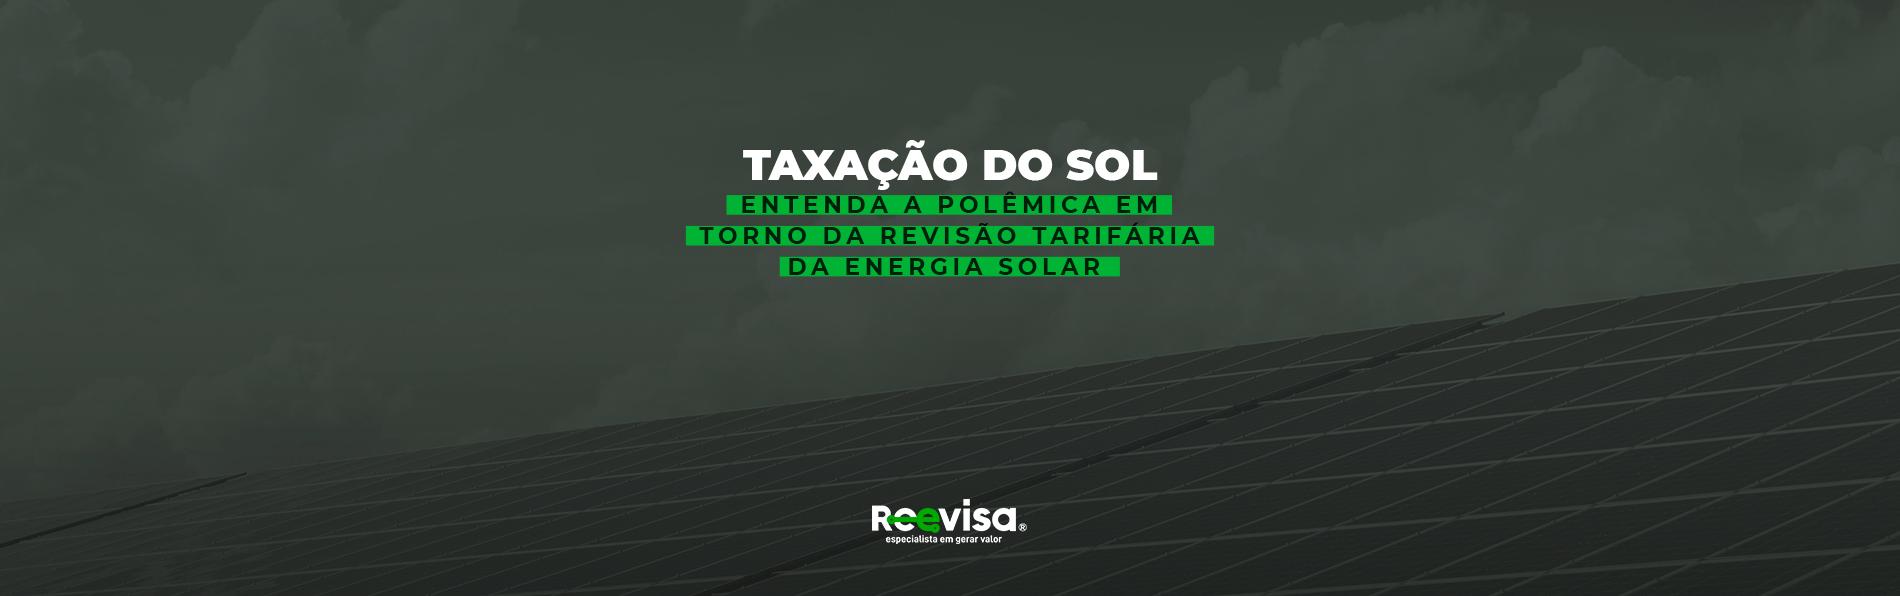 Taxação do sol: entenda a polêmica em torno da energia solar